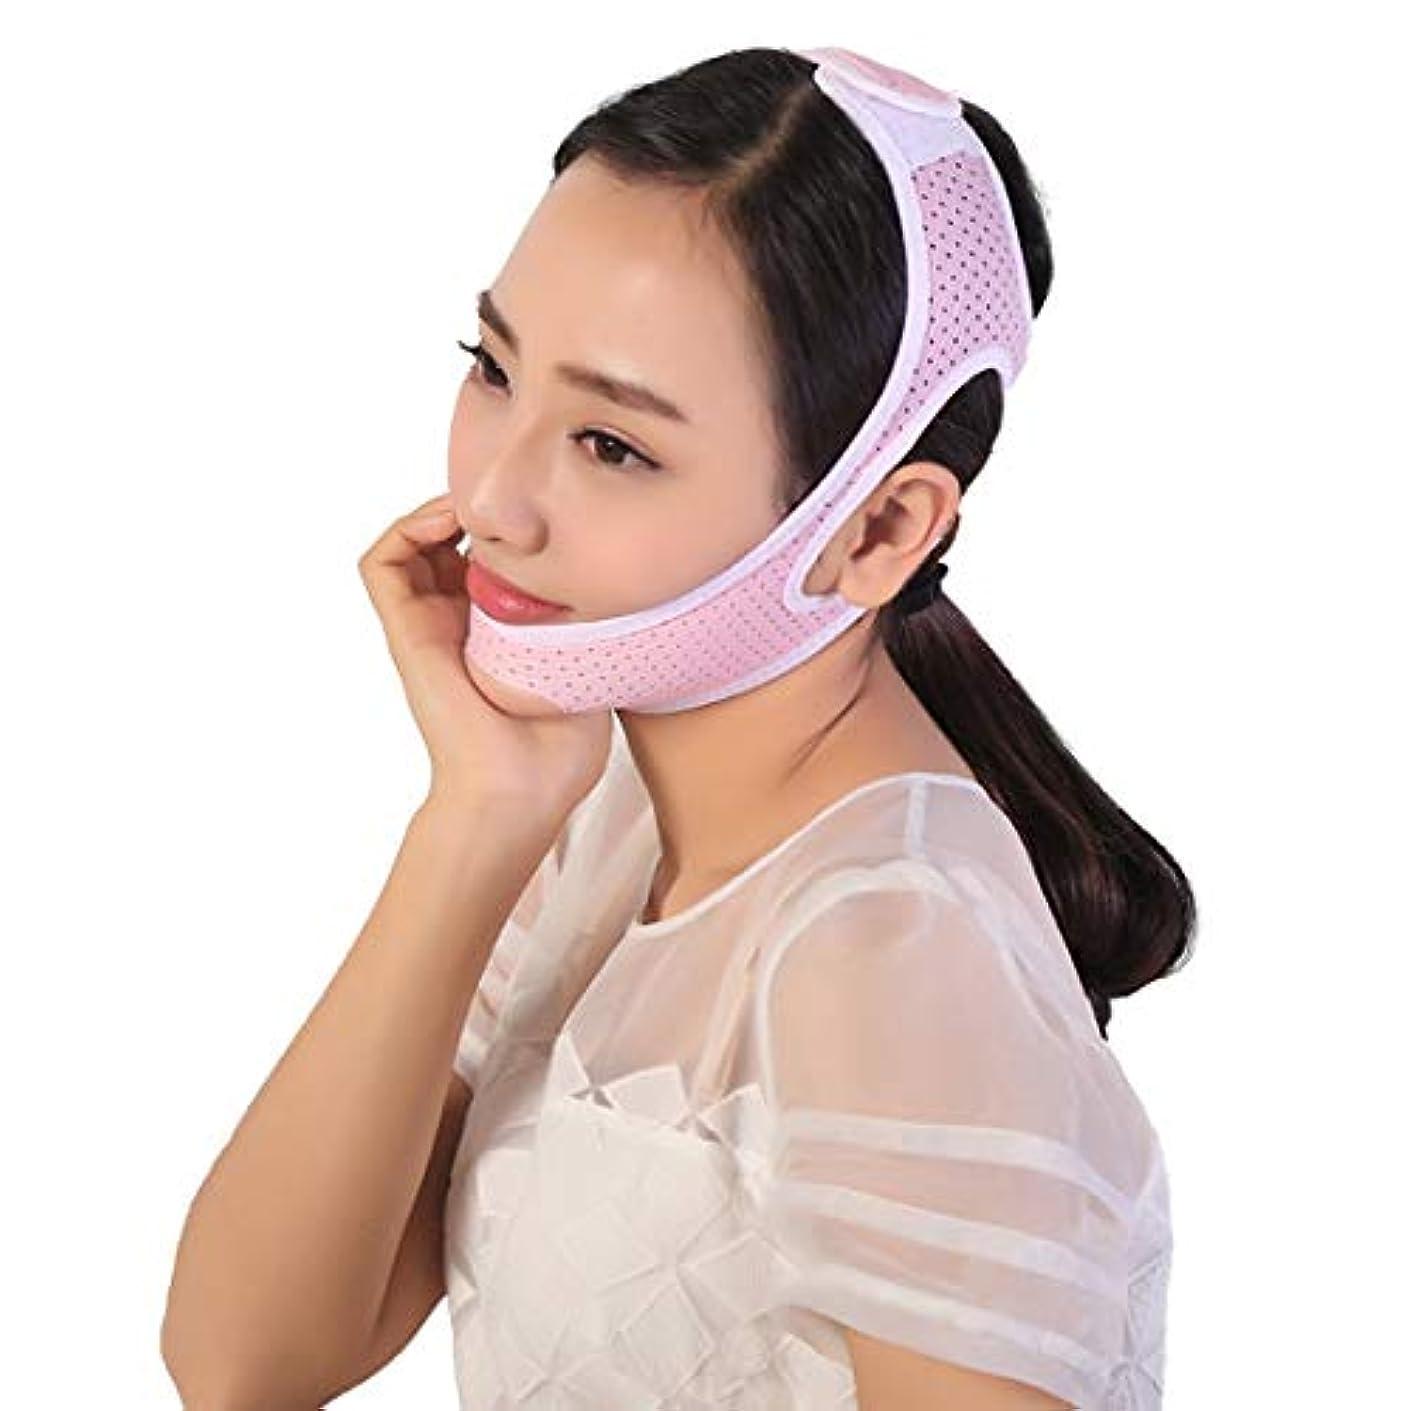 不健康ハーフ代数的ZWBD フェイスマスク, フェイスリフティング包帯フェイシャルリフティング引き締めダブルチン判V通気性